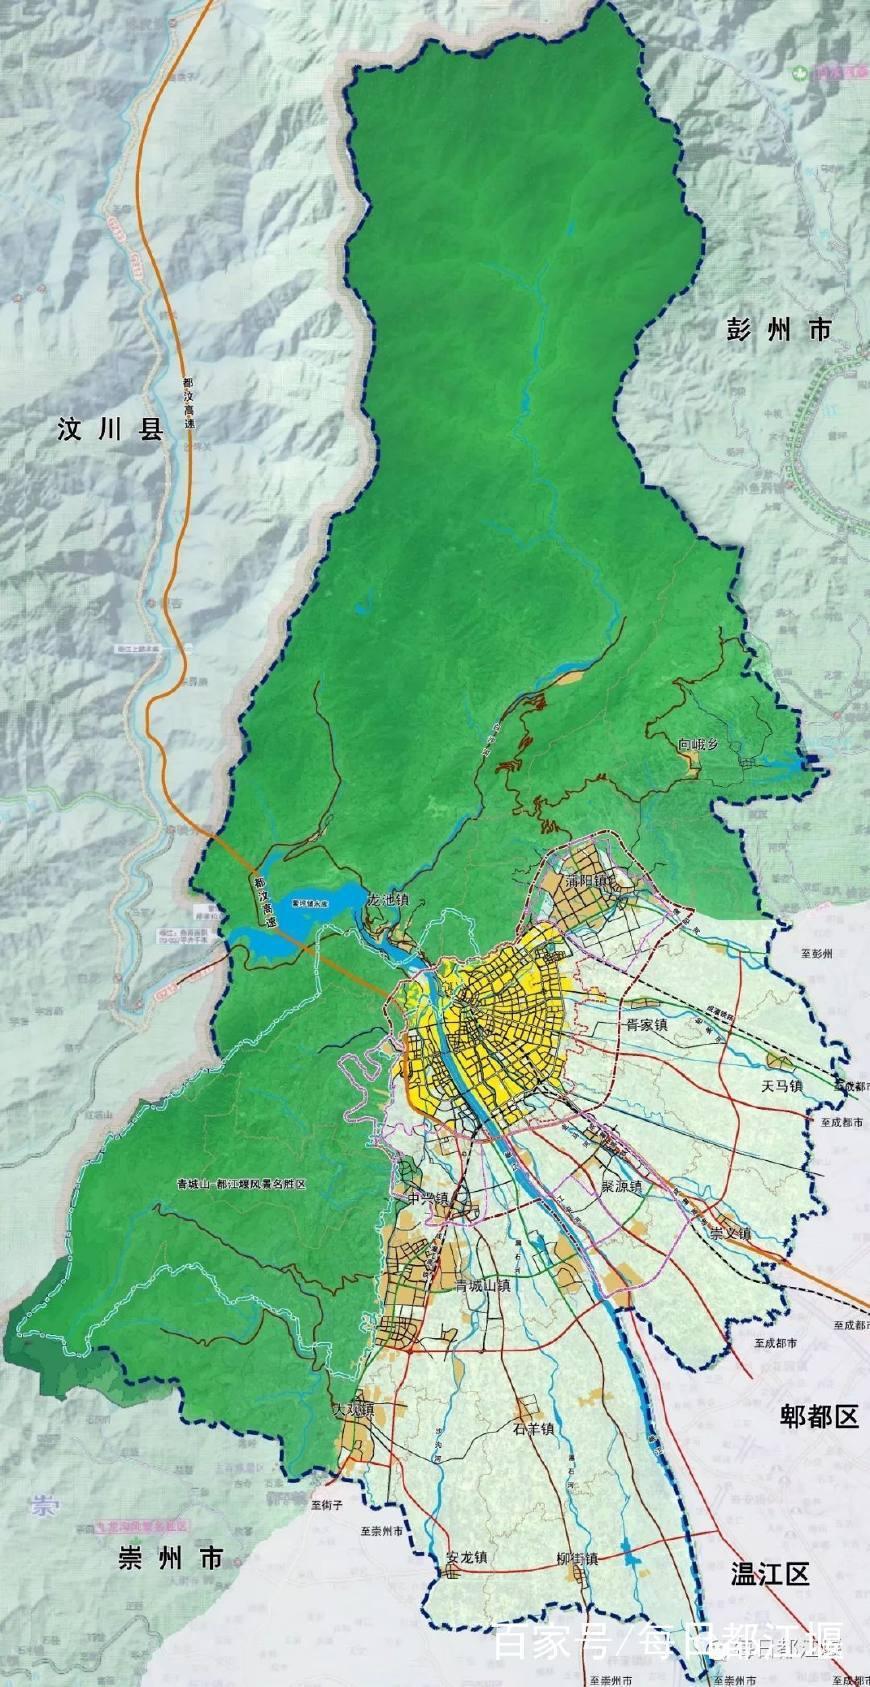 ▲ 都江堰市城市总体规划市域规划图(2016-2035年)